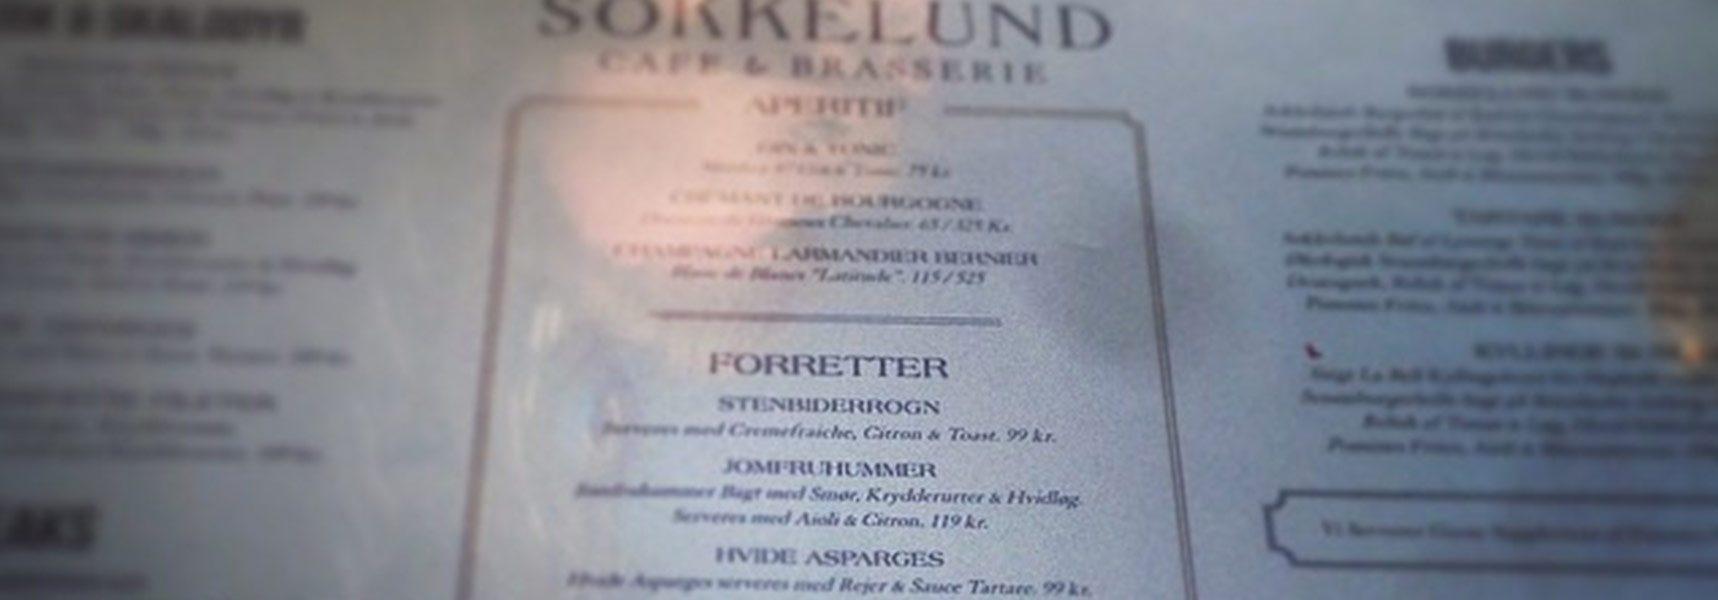 sokkelund-menukort-5